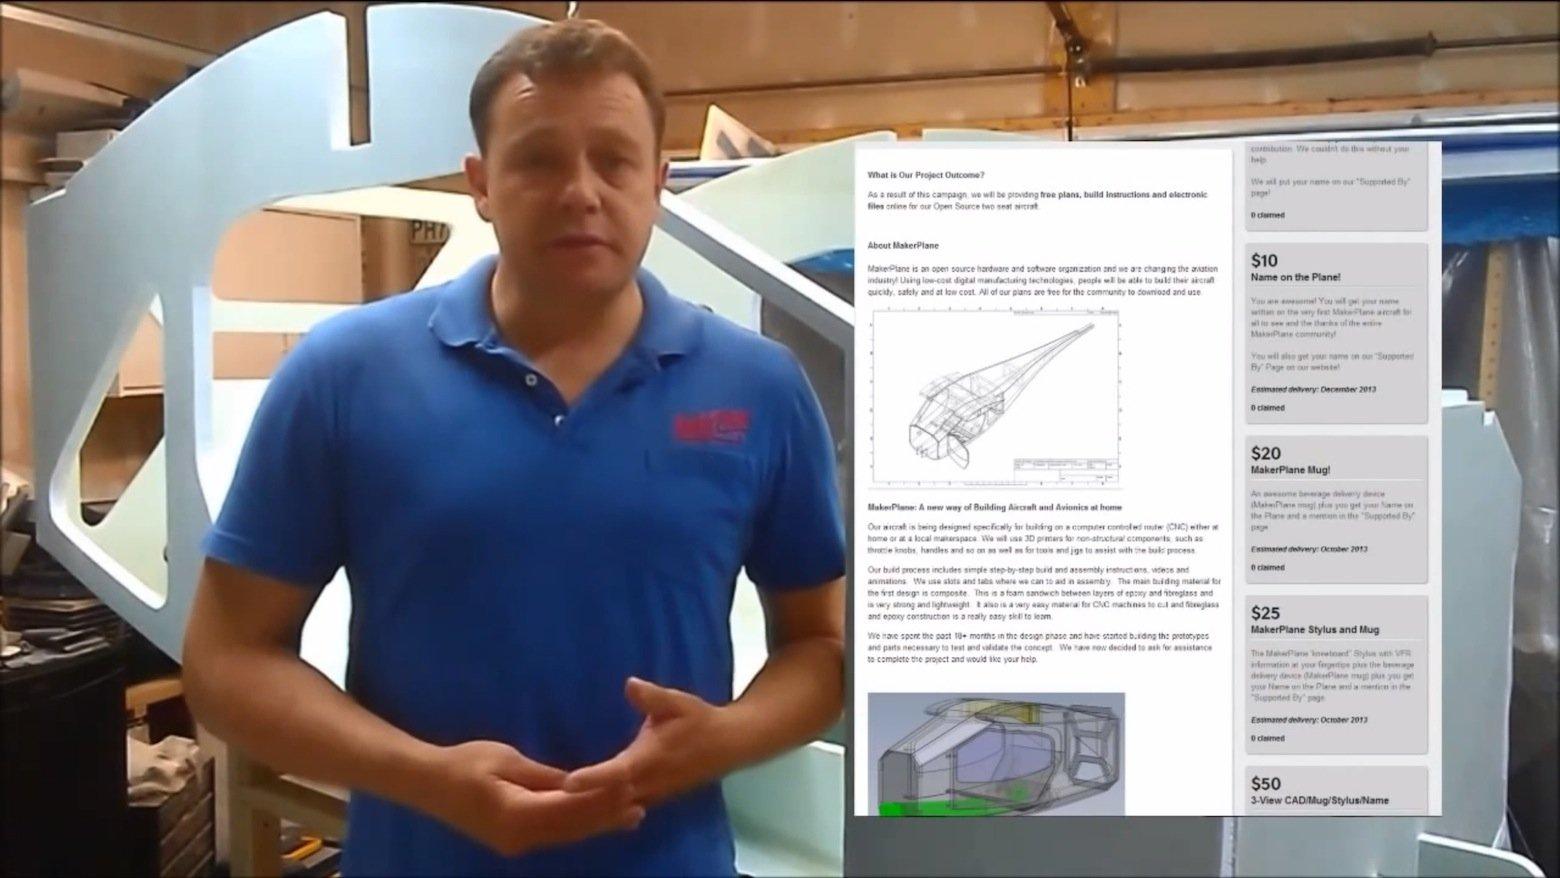 Unternehmensgründer John Nicol erläutert die Pläne für das neue Flugzeug zum Selbstbau. Wichtigstes Material für das Flugzeug ist ein Verbundwerkstoff. Die Teile werden mit CNC-Maschinen computergesteuert ausgeschnitten.